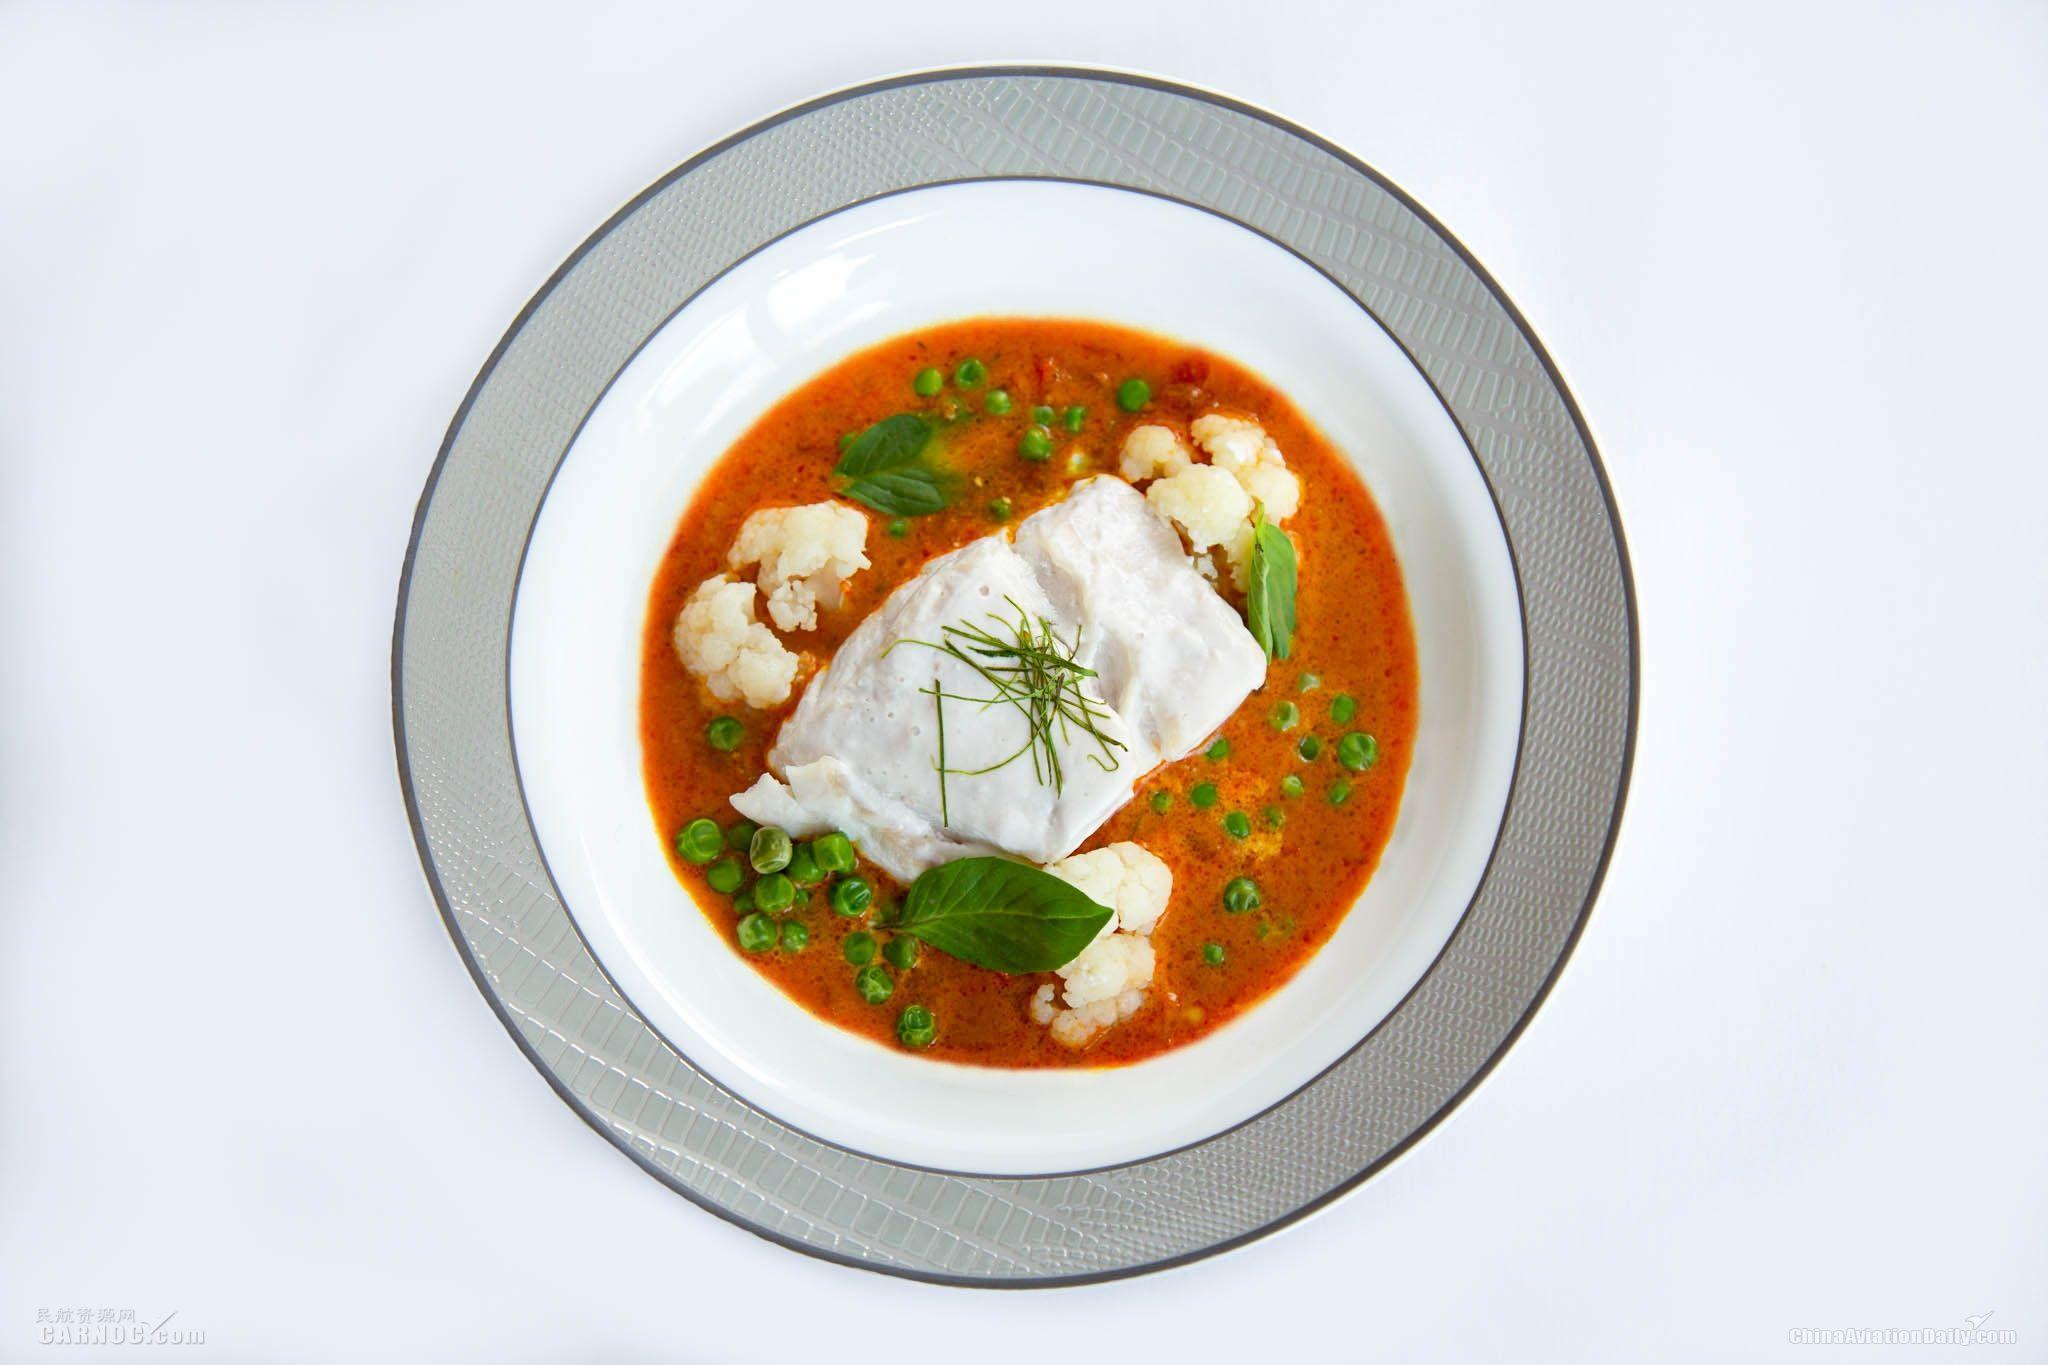 新加坡航空携手COMO香巴拉推出全新机上健康美食